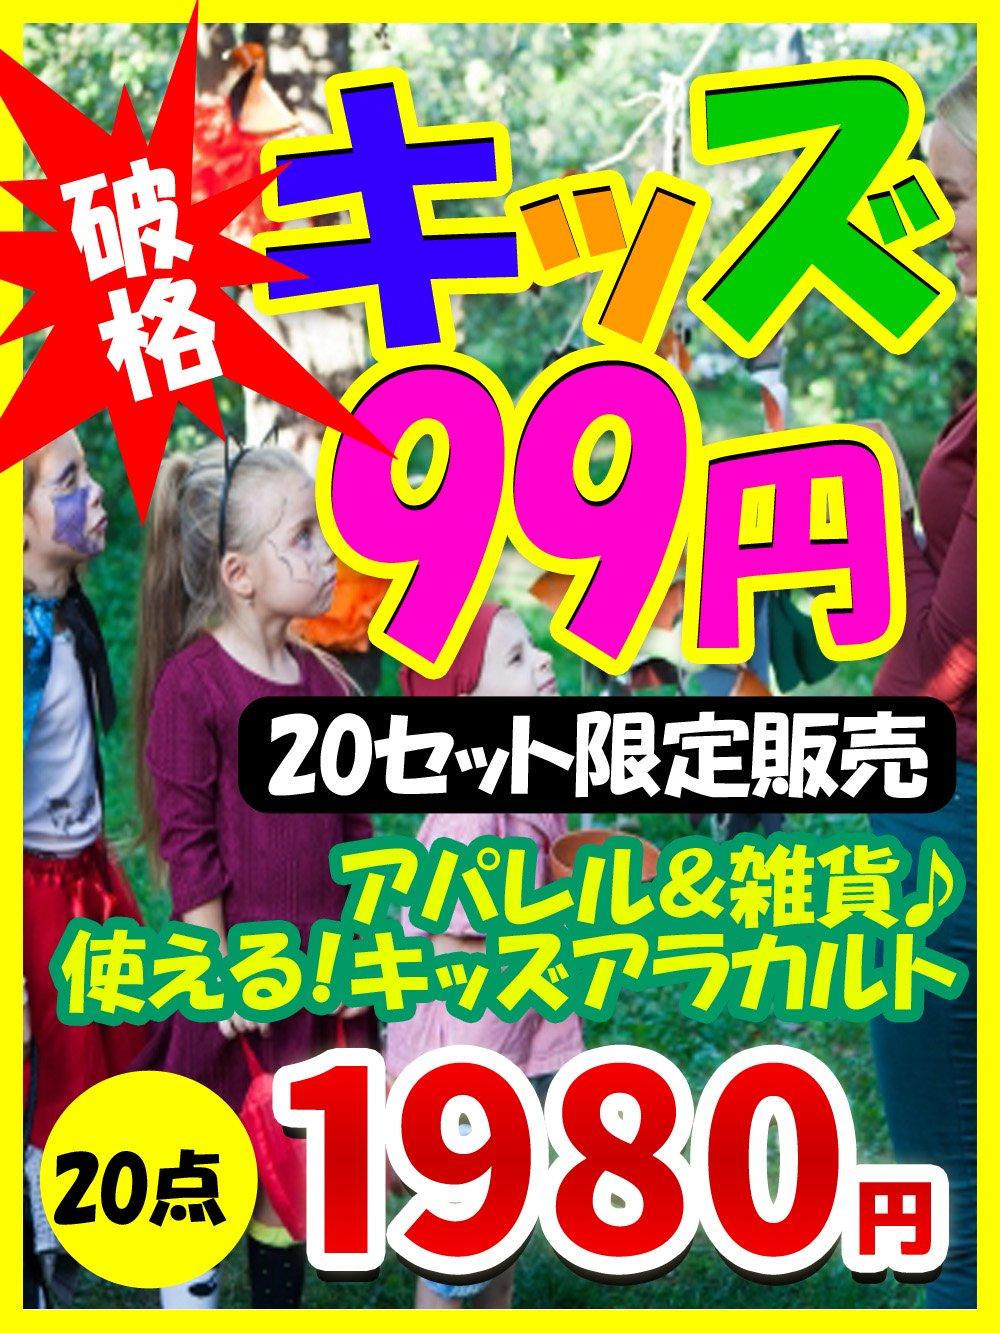 【大特価キッズALL99円】アパレル&雑貨使えるアイテム大放出【20点】@99